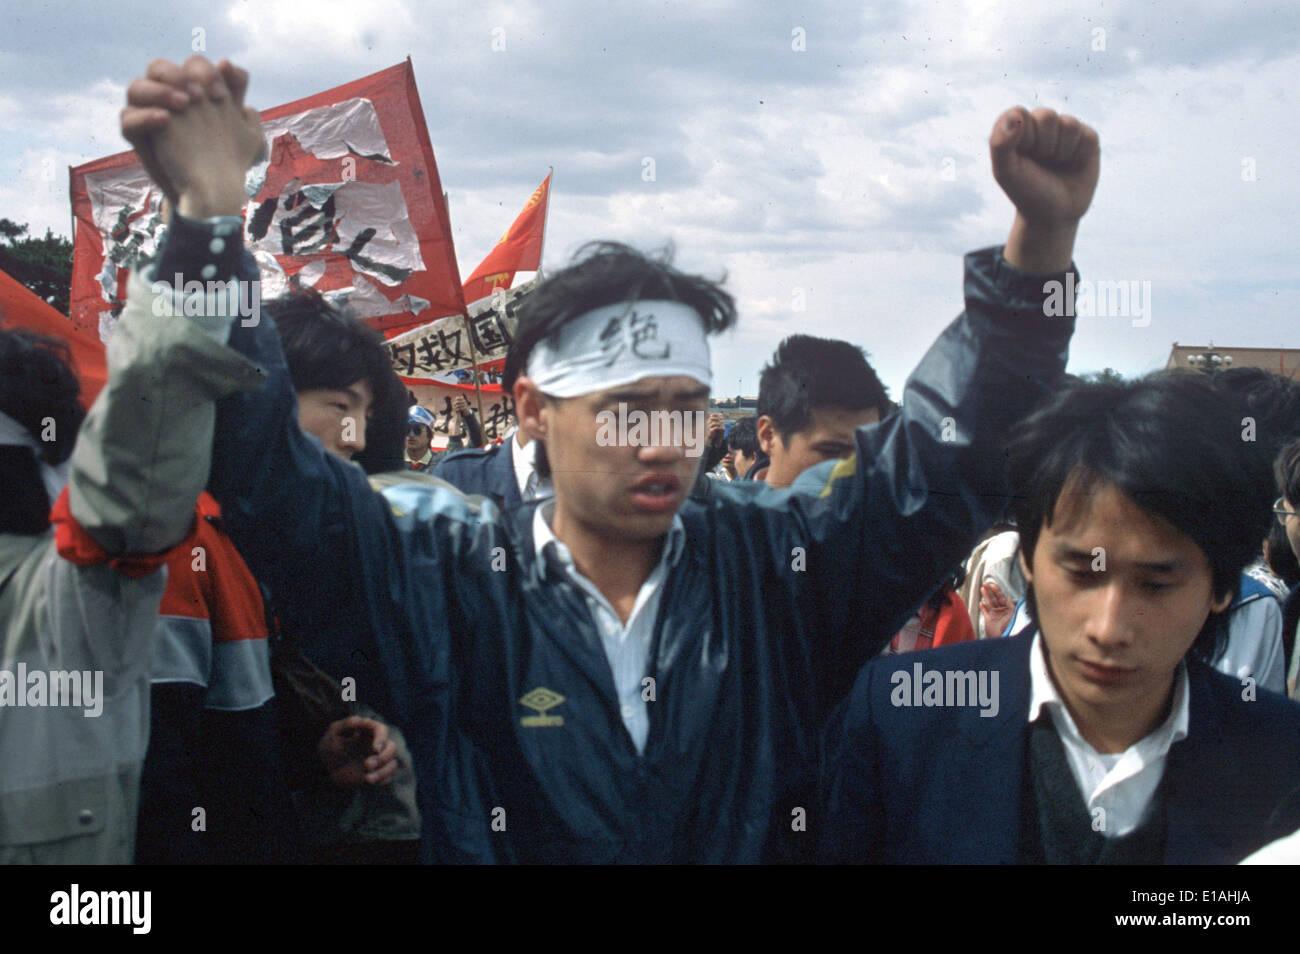 """(Dossier) - Une archive photo, datée du 13 mai 1989, illustre chef de la manifestations étudiantes Wuer Kaixi protestant parmi une foule d'étudiants au cours d'une manifestation sur la place Tiananmen à Pékin, Chine. Kaixi porte un serre-tête qui se lit 'Jueshi"""" (grève de la faim). Il y a 25 ans, les protestations de la Chine s'est creusé en captial mais ont finalement été battus violemment vers le bas. Photo: Edgar Bauer/dpa Photo Stock"""